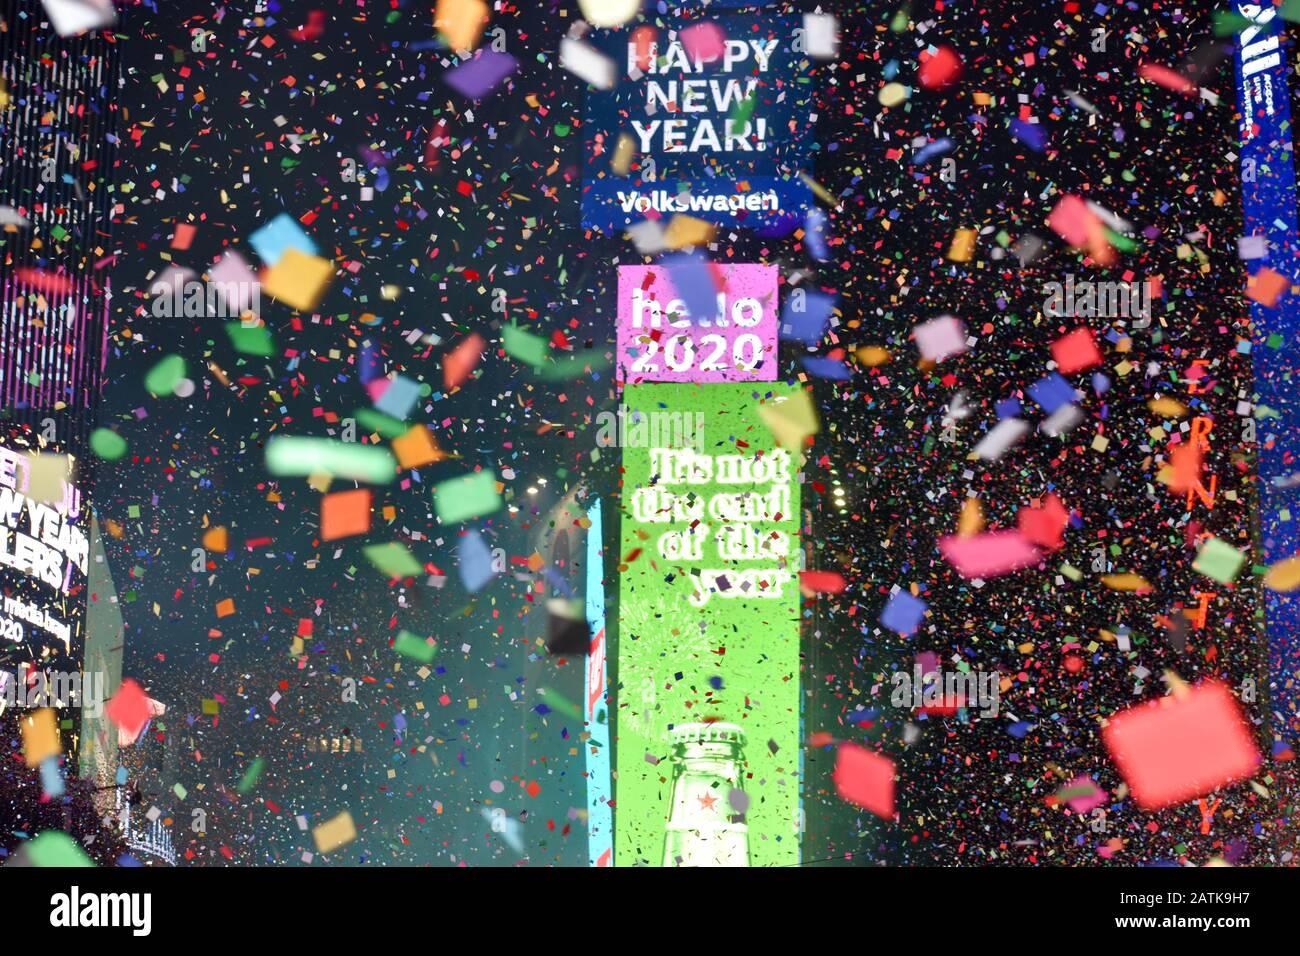 Los juerguistas celebran después de la caída de pelota durante las celebraciones de Nochevieja en Times Square el 1 de enero de 2020 en la ciudad de Nueva York. Foto de stock